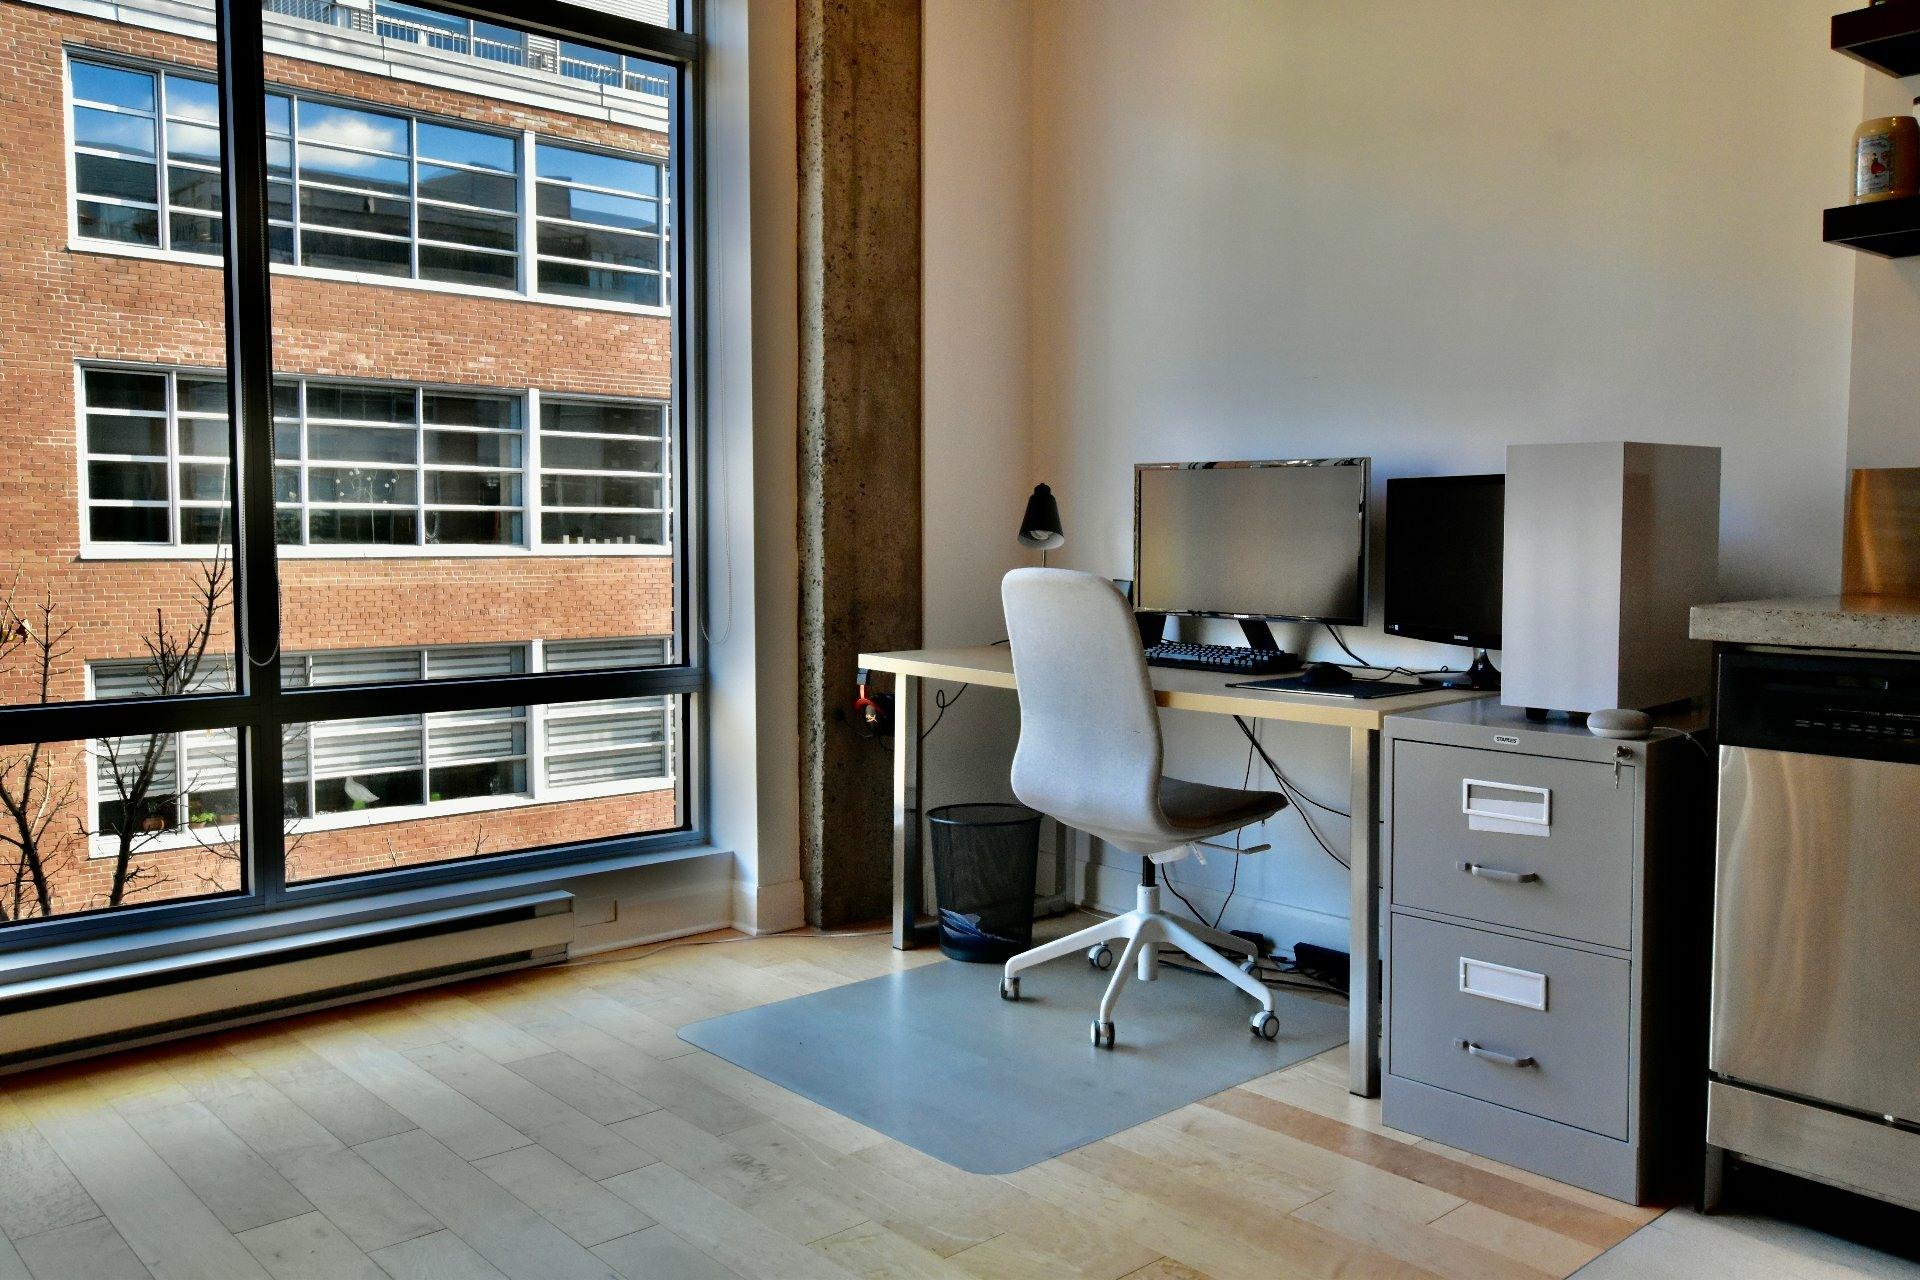 image 12 - Apartment For rent Villeray/Saint-Michel/Parc-Extension Montréal  - 5 rooms